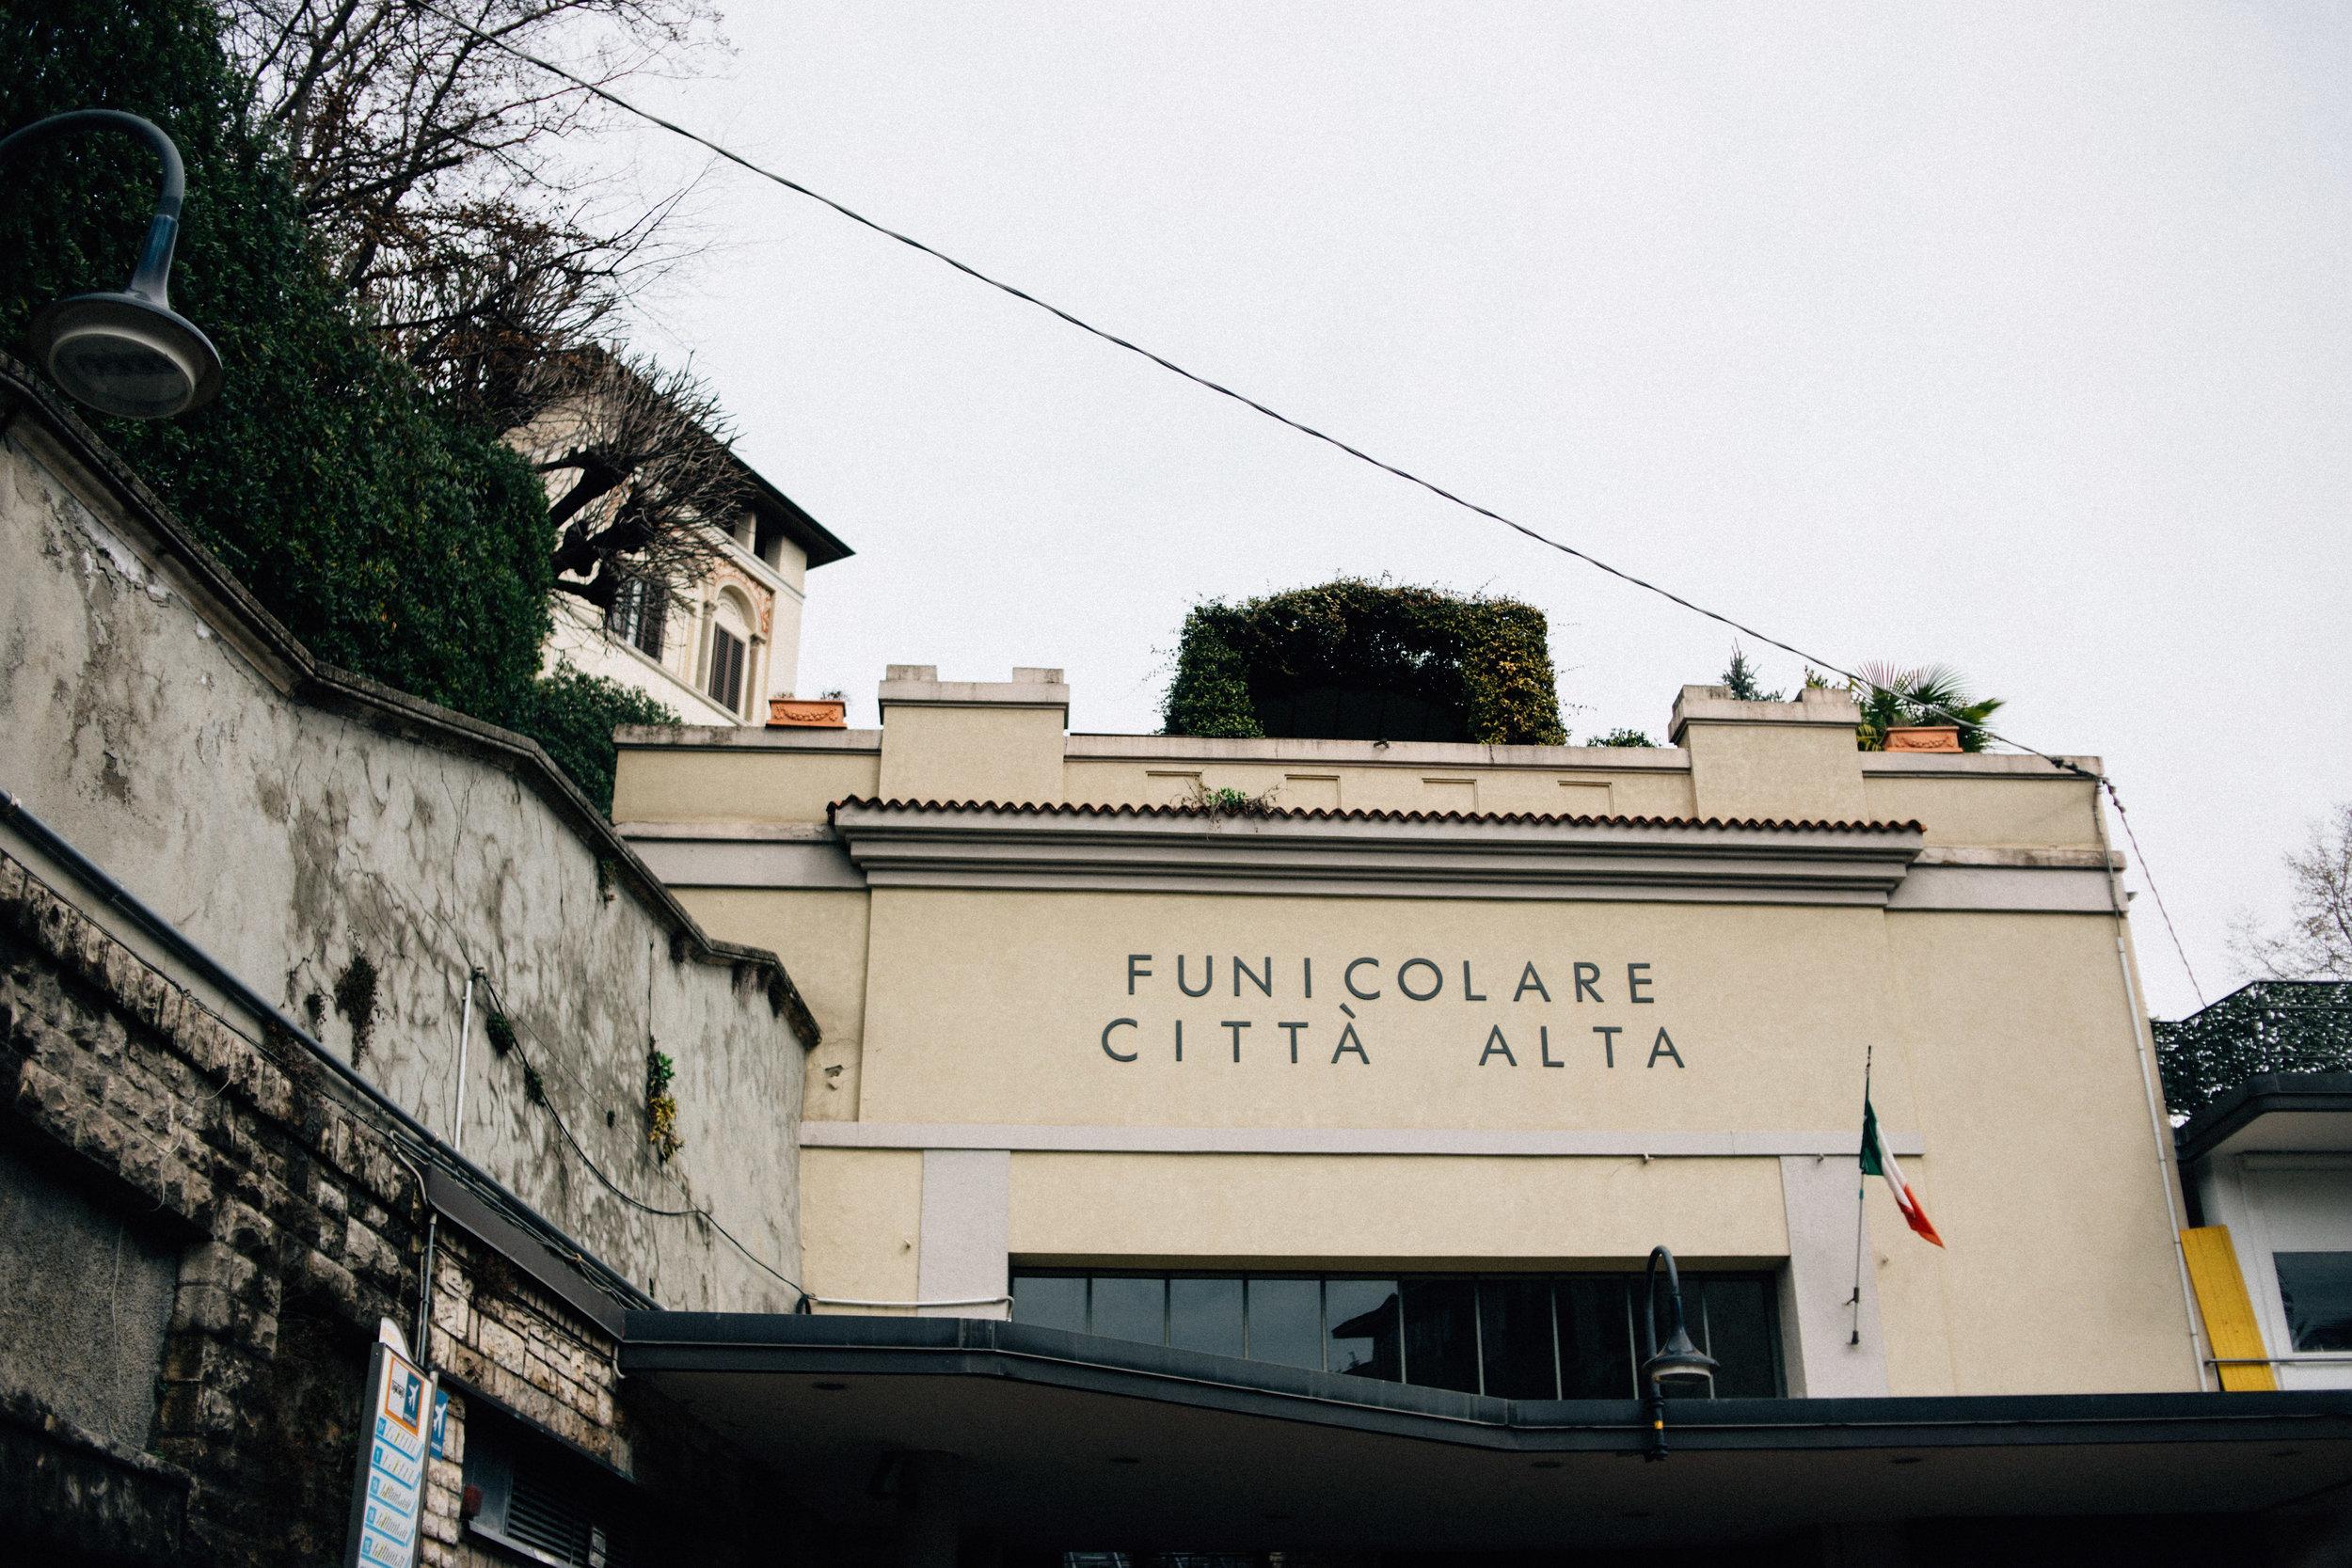 001 - Bergamo.jpg